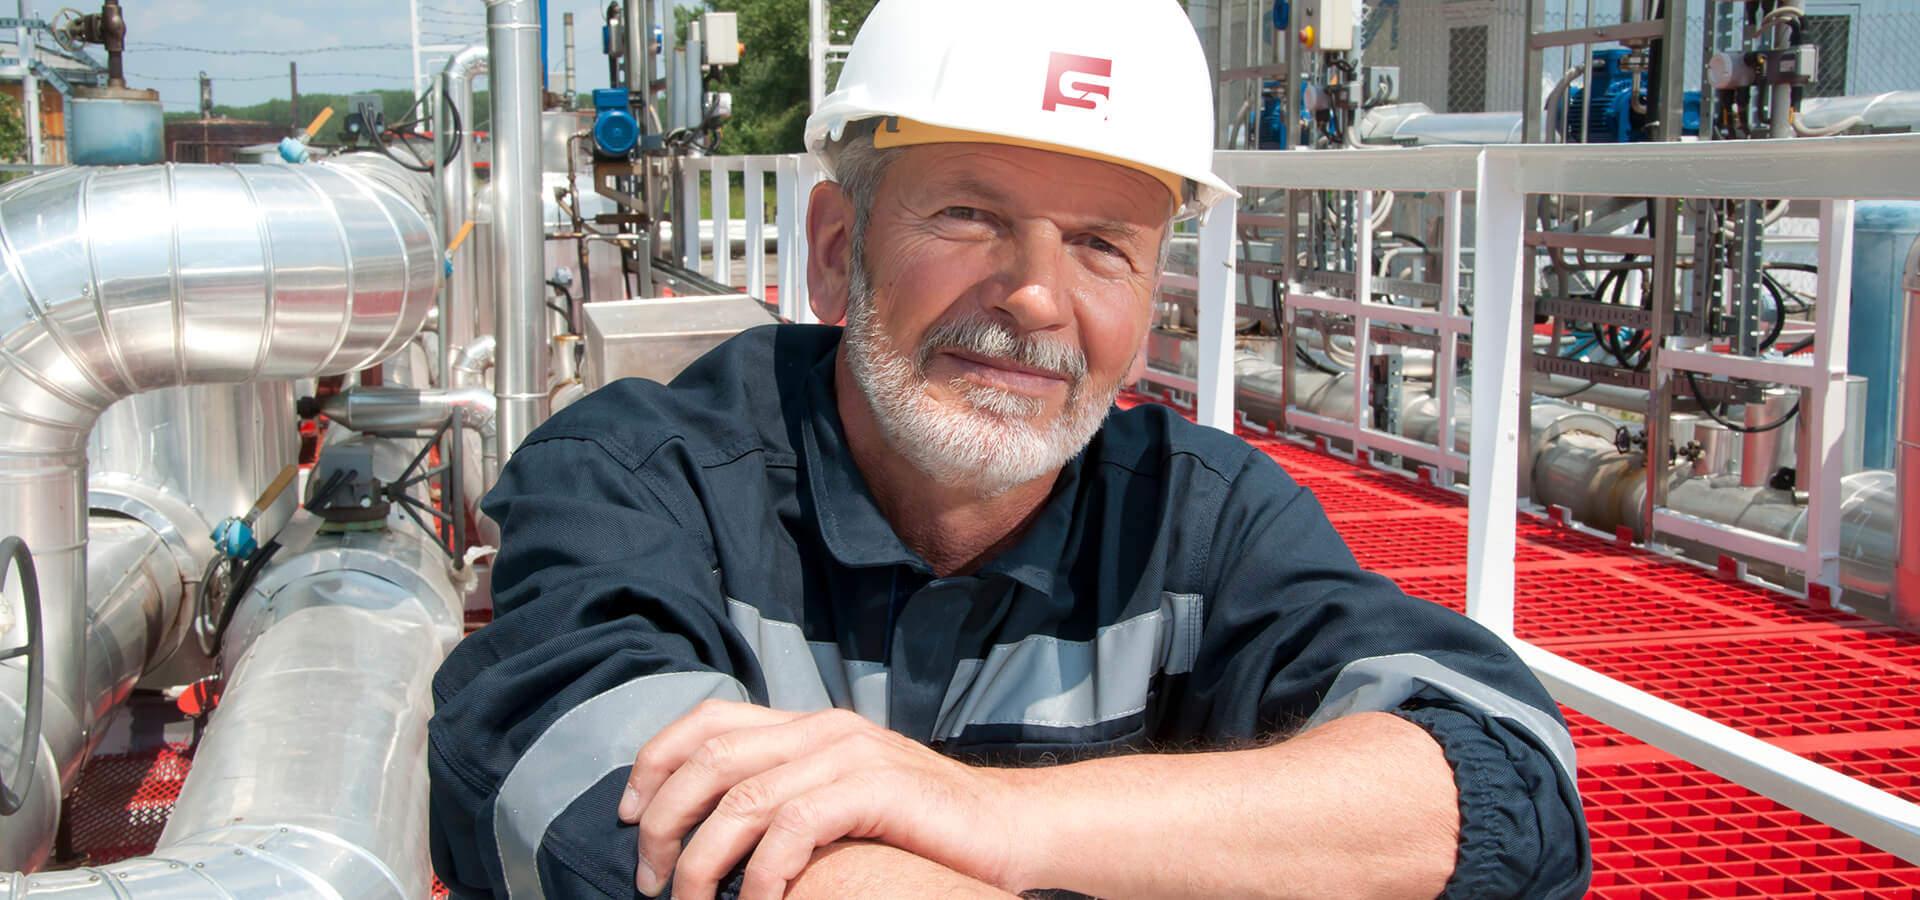 Hydraulikfachbetrieb, Fachbetrieb für die Umsetzung der Druckgeräterichtlinie und nach dem Wasserhaushaltsgesetz